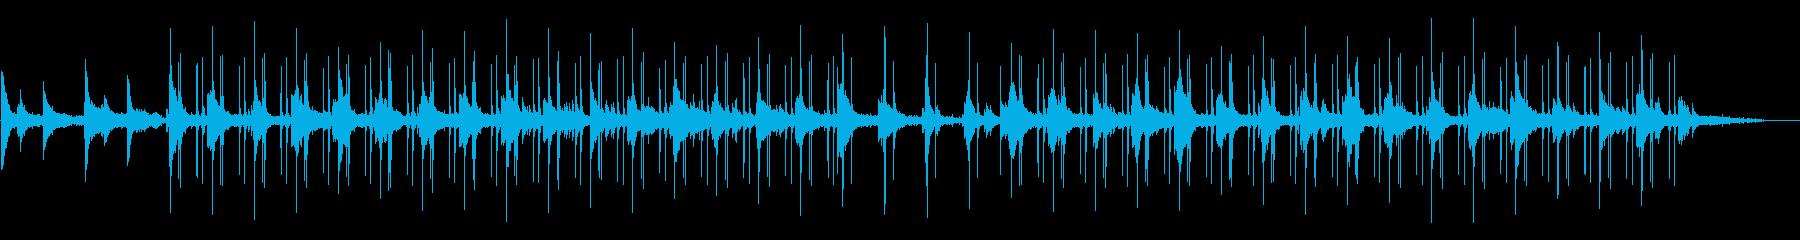 雨音のするジャズLo-fi チルアウトの再生済みの波形